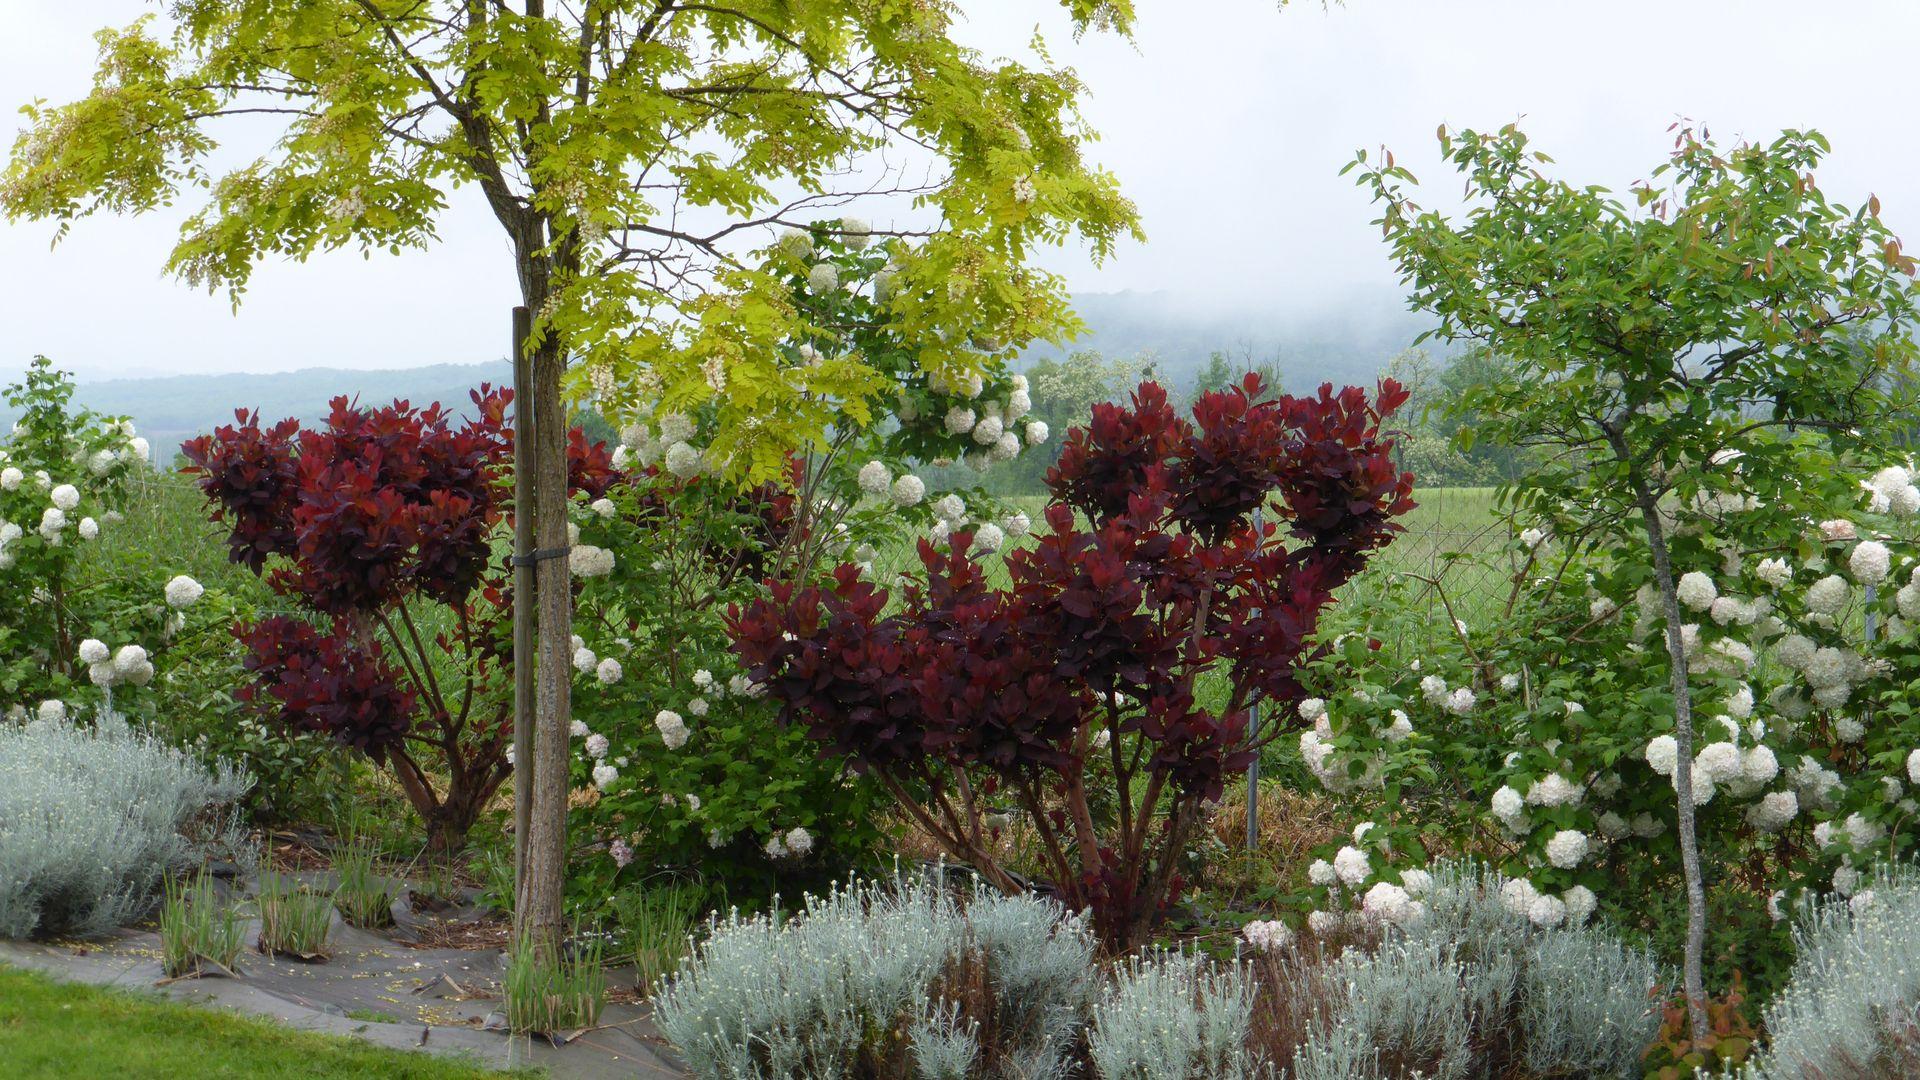 Entretien jardin tarn for Entretien jardin wemmel